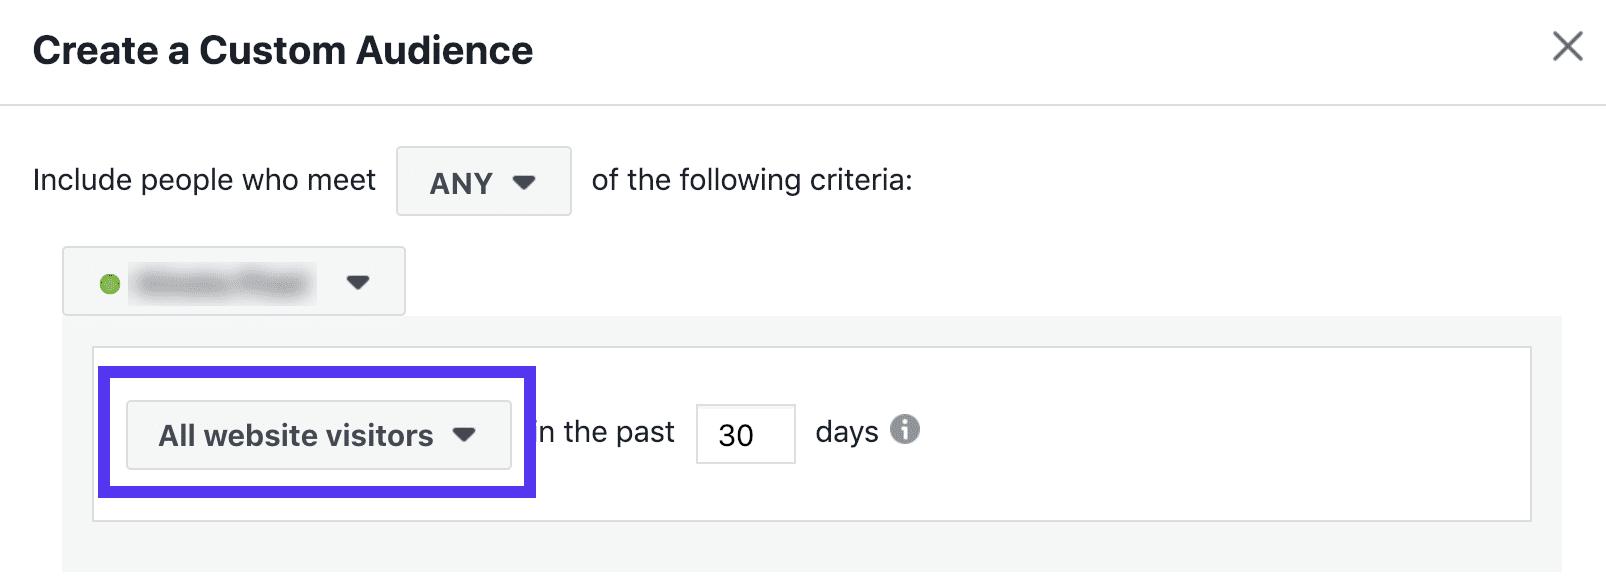 Facebook retargeting audience - last 30 days